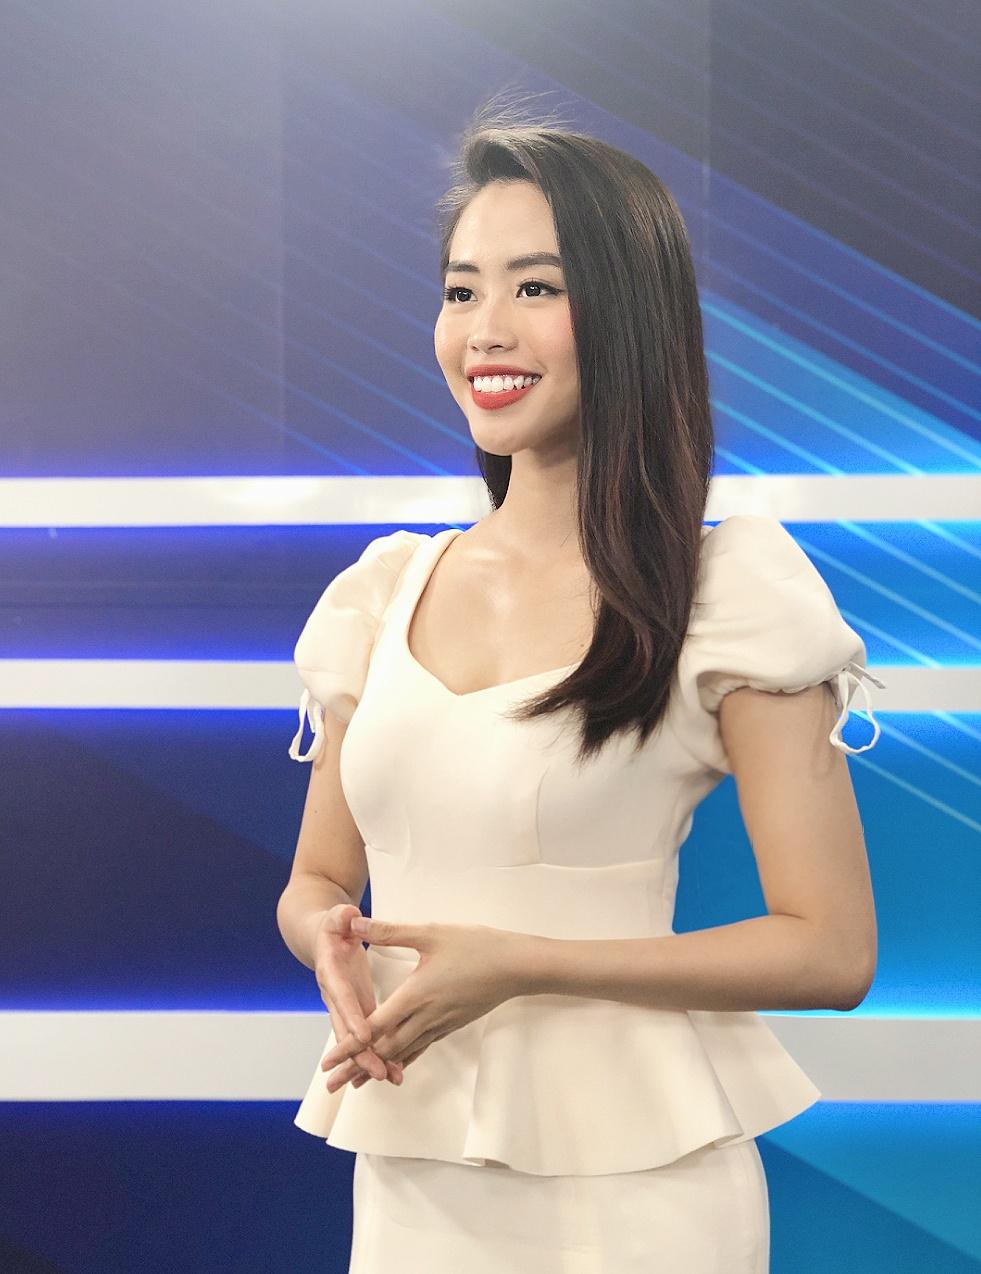 Nữ MC truyền hình 22 tuổi thi HHVN 2020: 'Các bạn đua theo xu hướng Kpop hay Âu Mỹ, mình chỉ chuộng style đơn giản chuẩn chỉnh tác phong nhà đài' 10